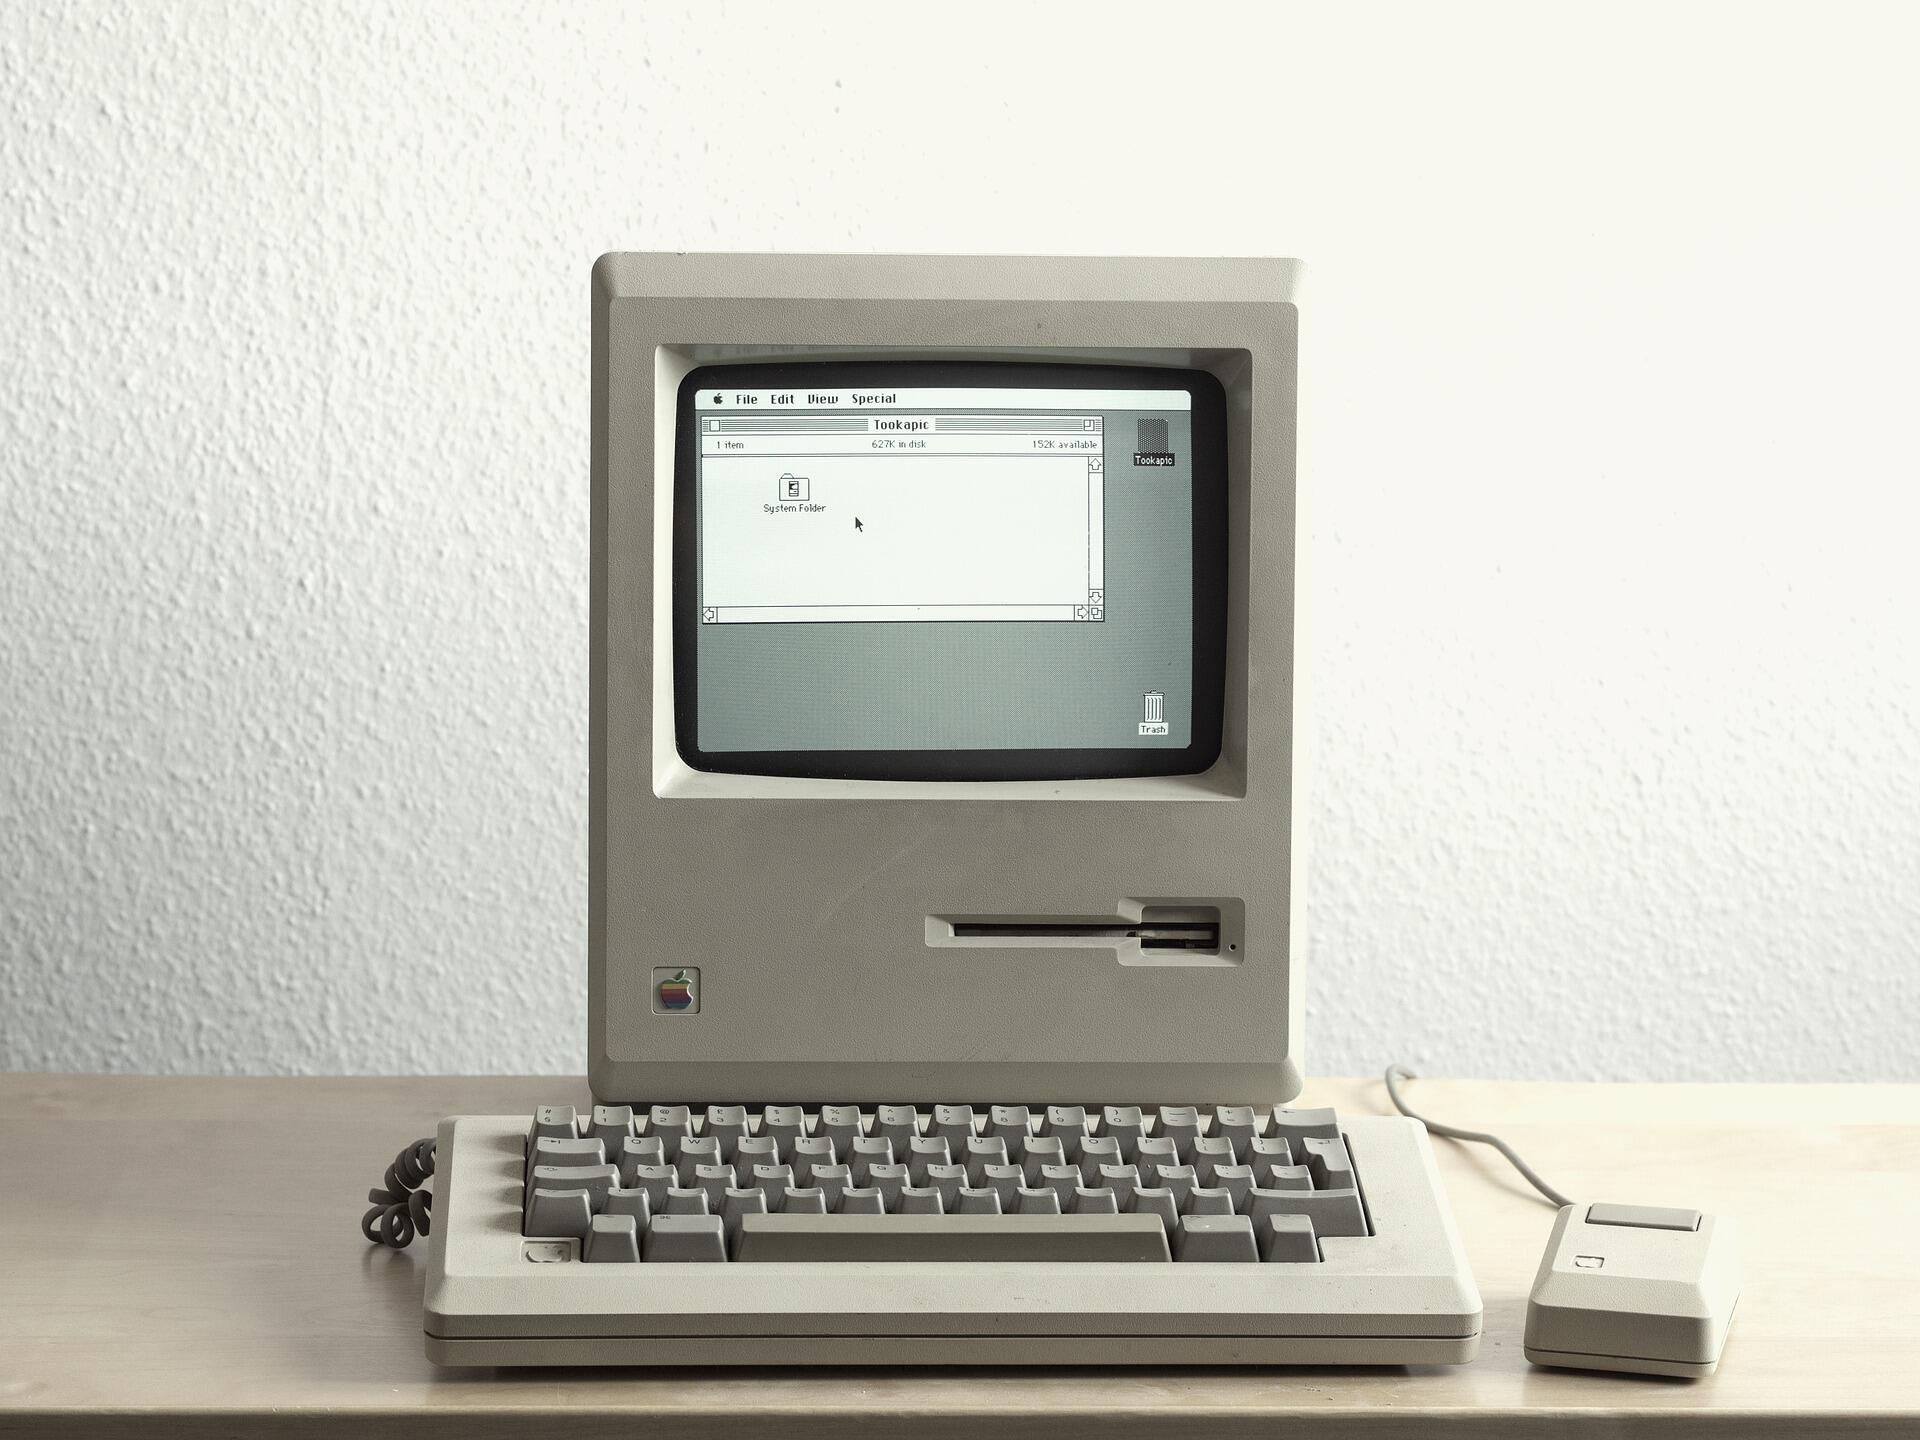 កុំព្យូទ័រ Macintosh របស់ក្រុមហ៊ុន Apple